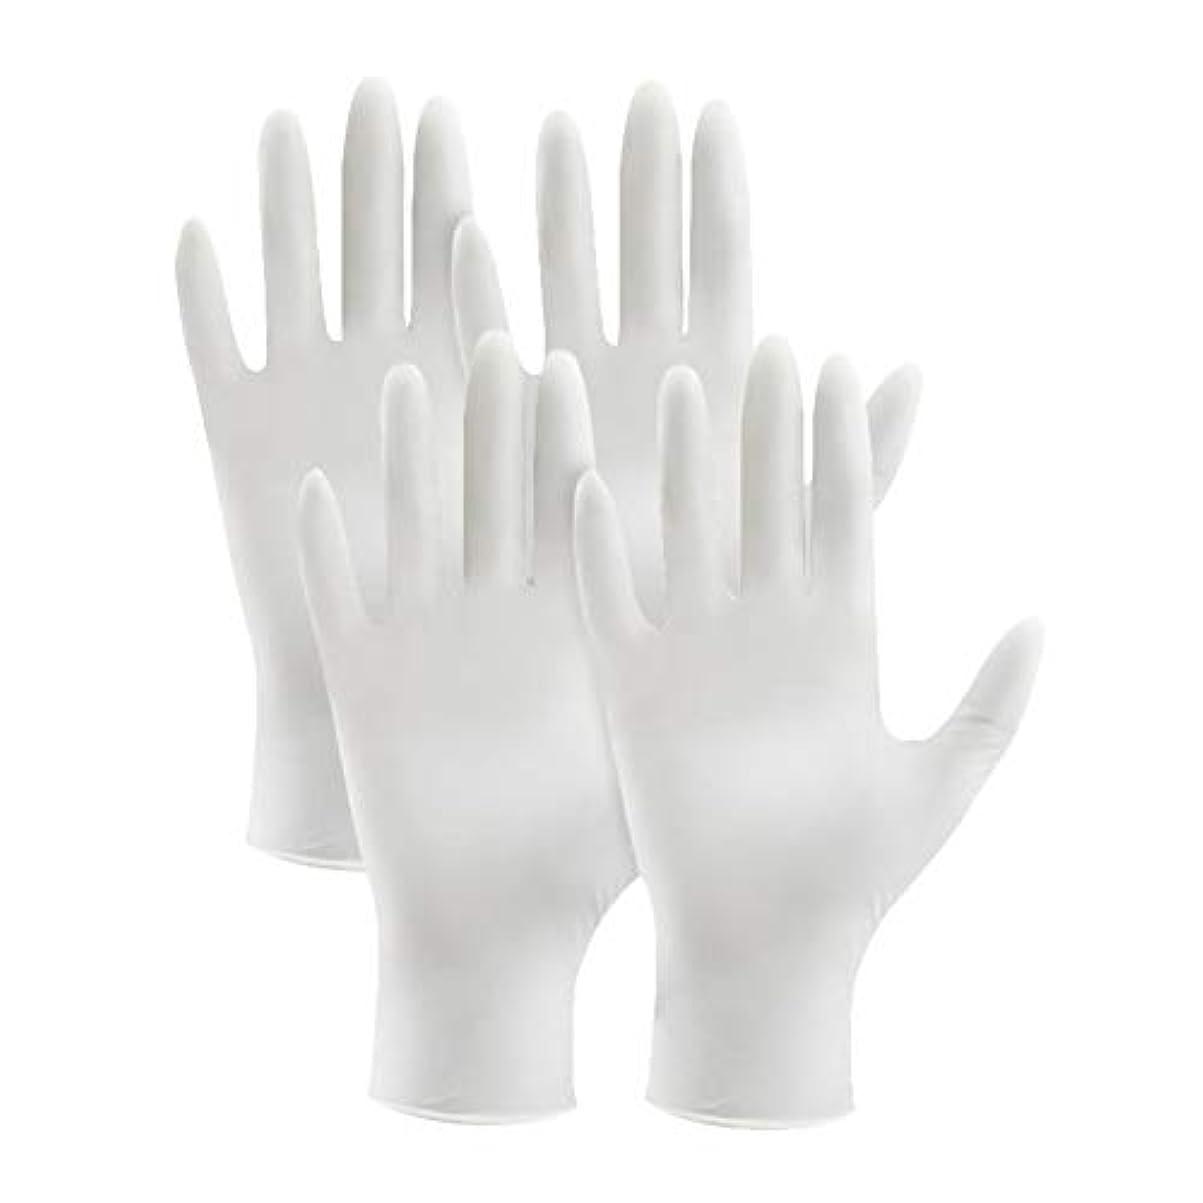 ウェーハシャッターパーツsupbel ニトリル手袋 使い捨て手袋 粉あり まるで素手の様な感覚で作業ができる 極薄 ゴム手袋 白 ホワイト 左右兼用 品質 作業薄手手袋 4枚入り